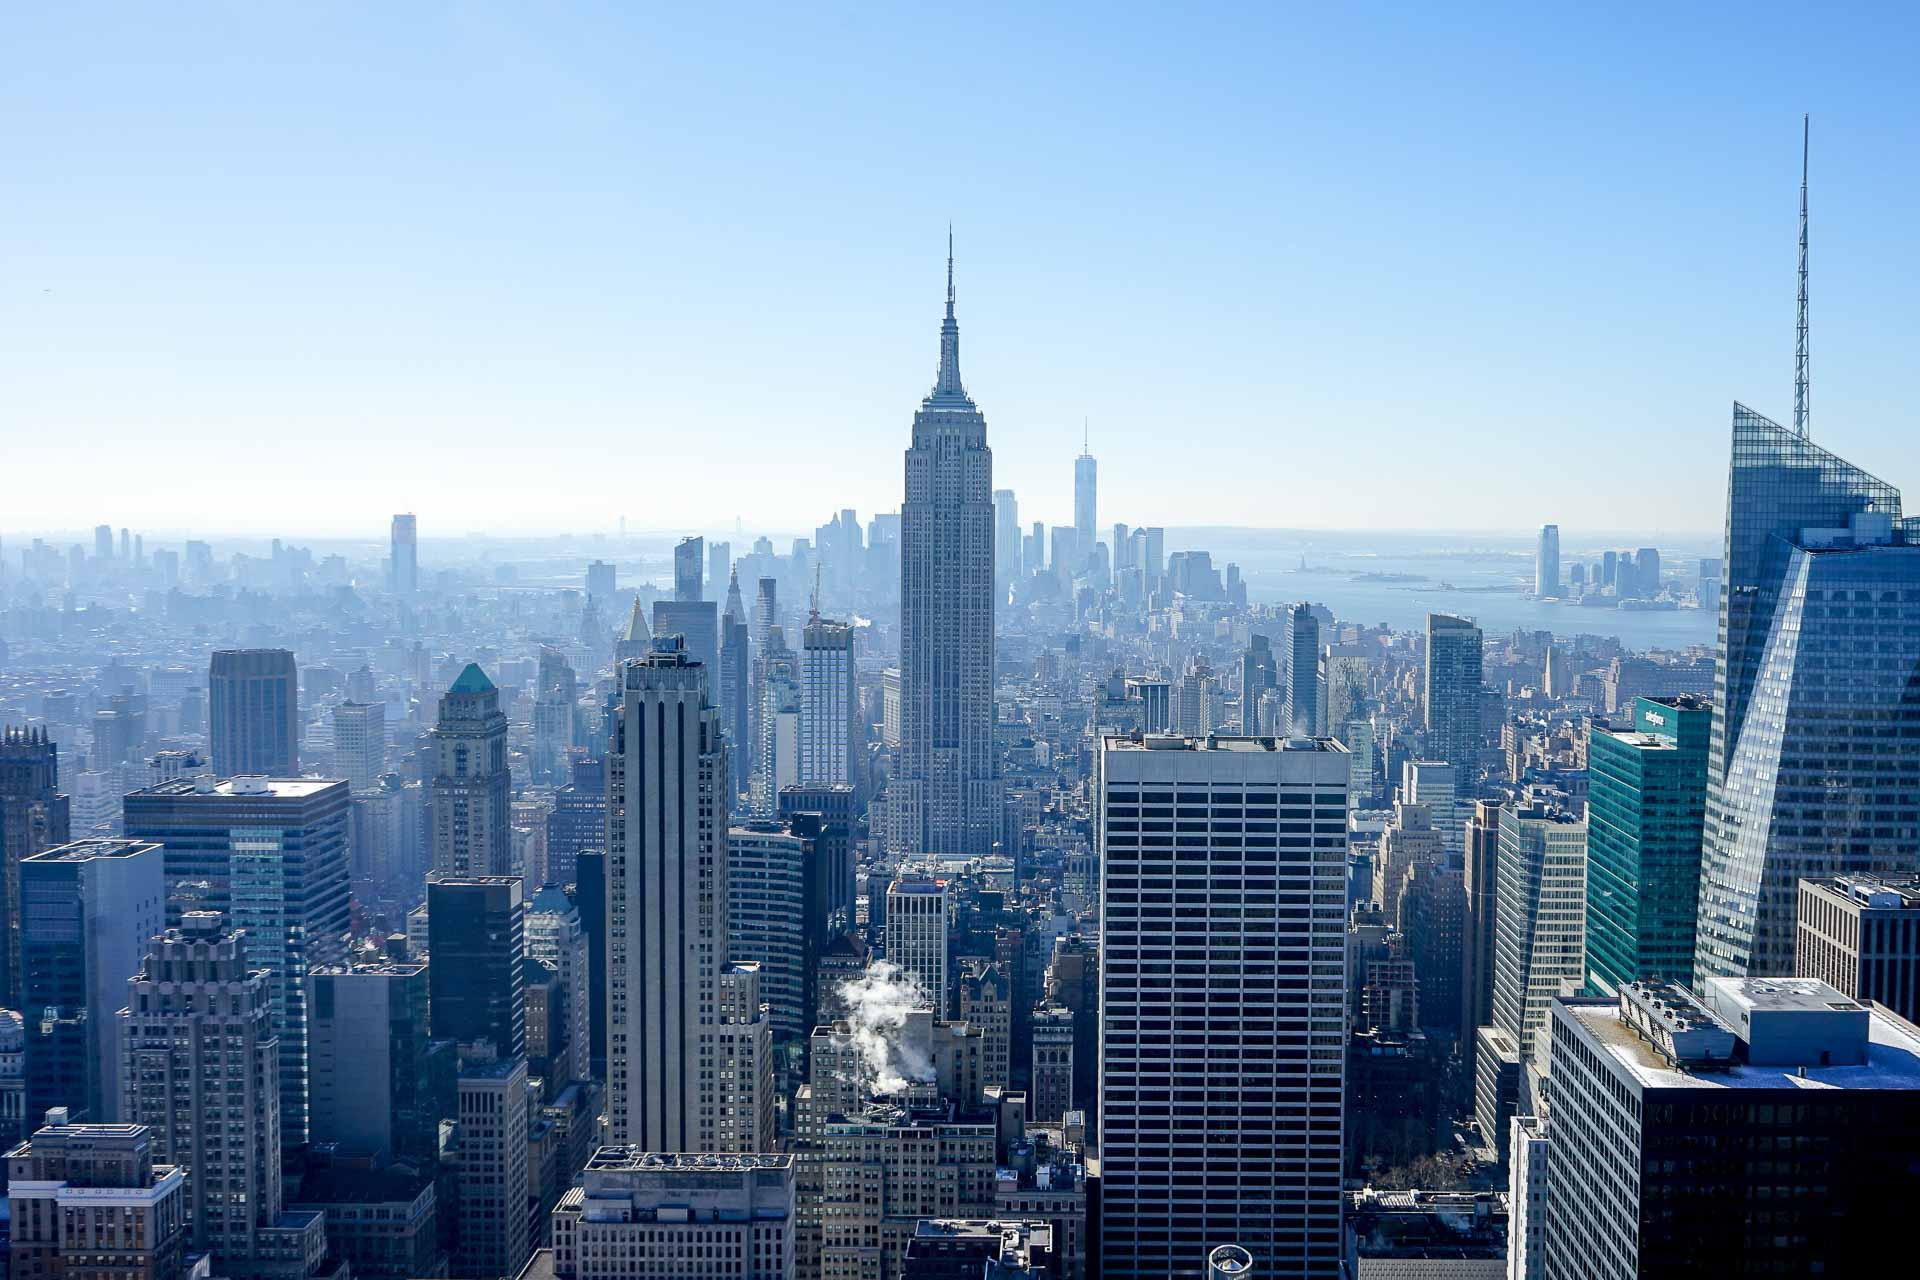 Hors-norme et gigantesque, New York ne cesse de se réinventer. Loin de se limiter à Manhattan, les 'boroughs' composant la ville comme le Queens ou Brooklyn offrent une source inépuisable de découverte. YONDER vous invite à découvrir ces quartiers au travers d'adresses branchées et décalées.